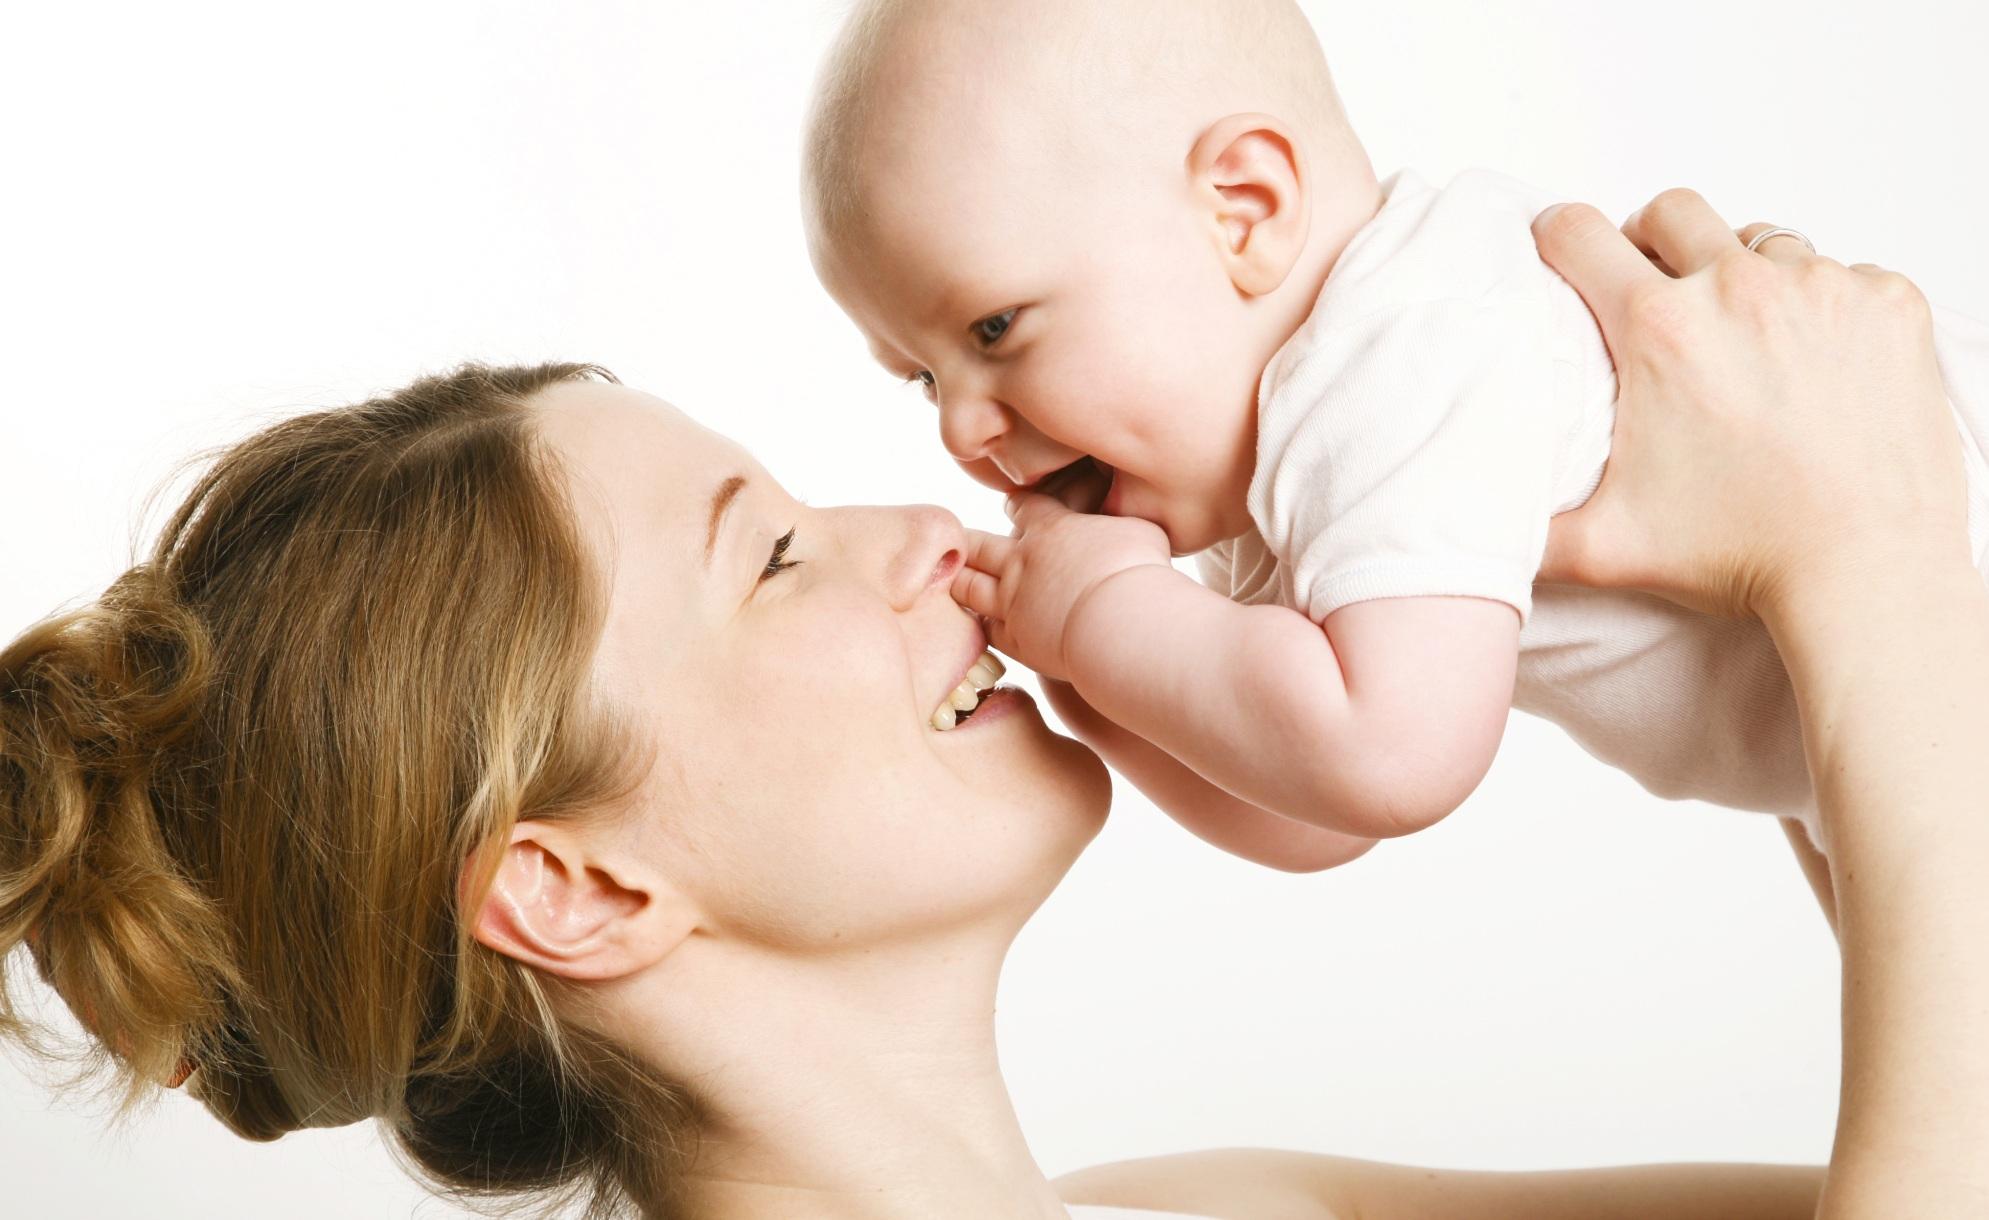 Rientro al lavoro dopo la maternità facoltativa: diritti e consigli